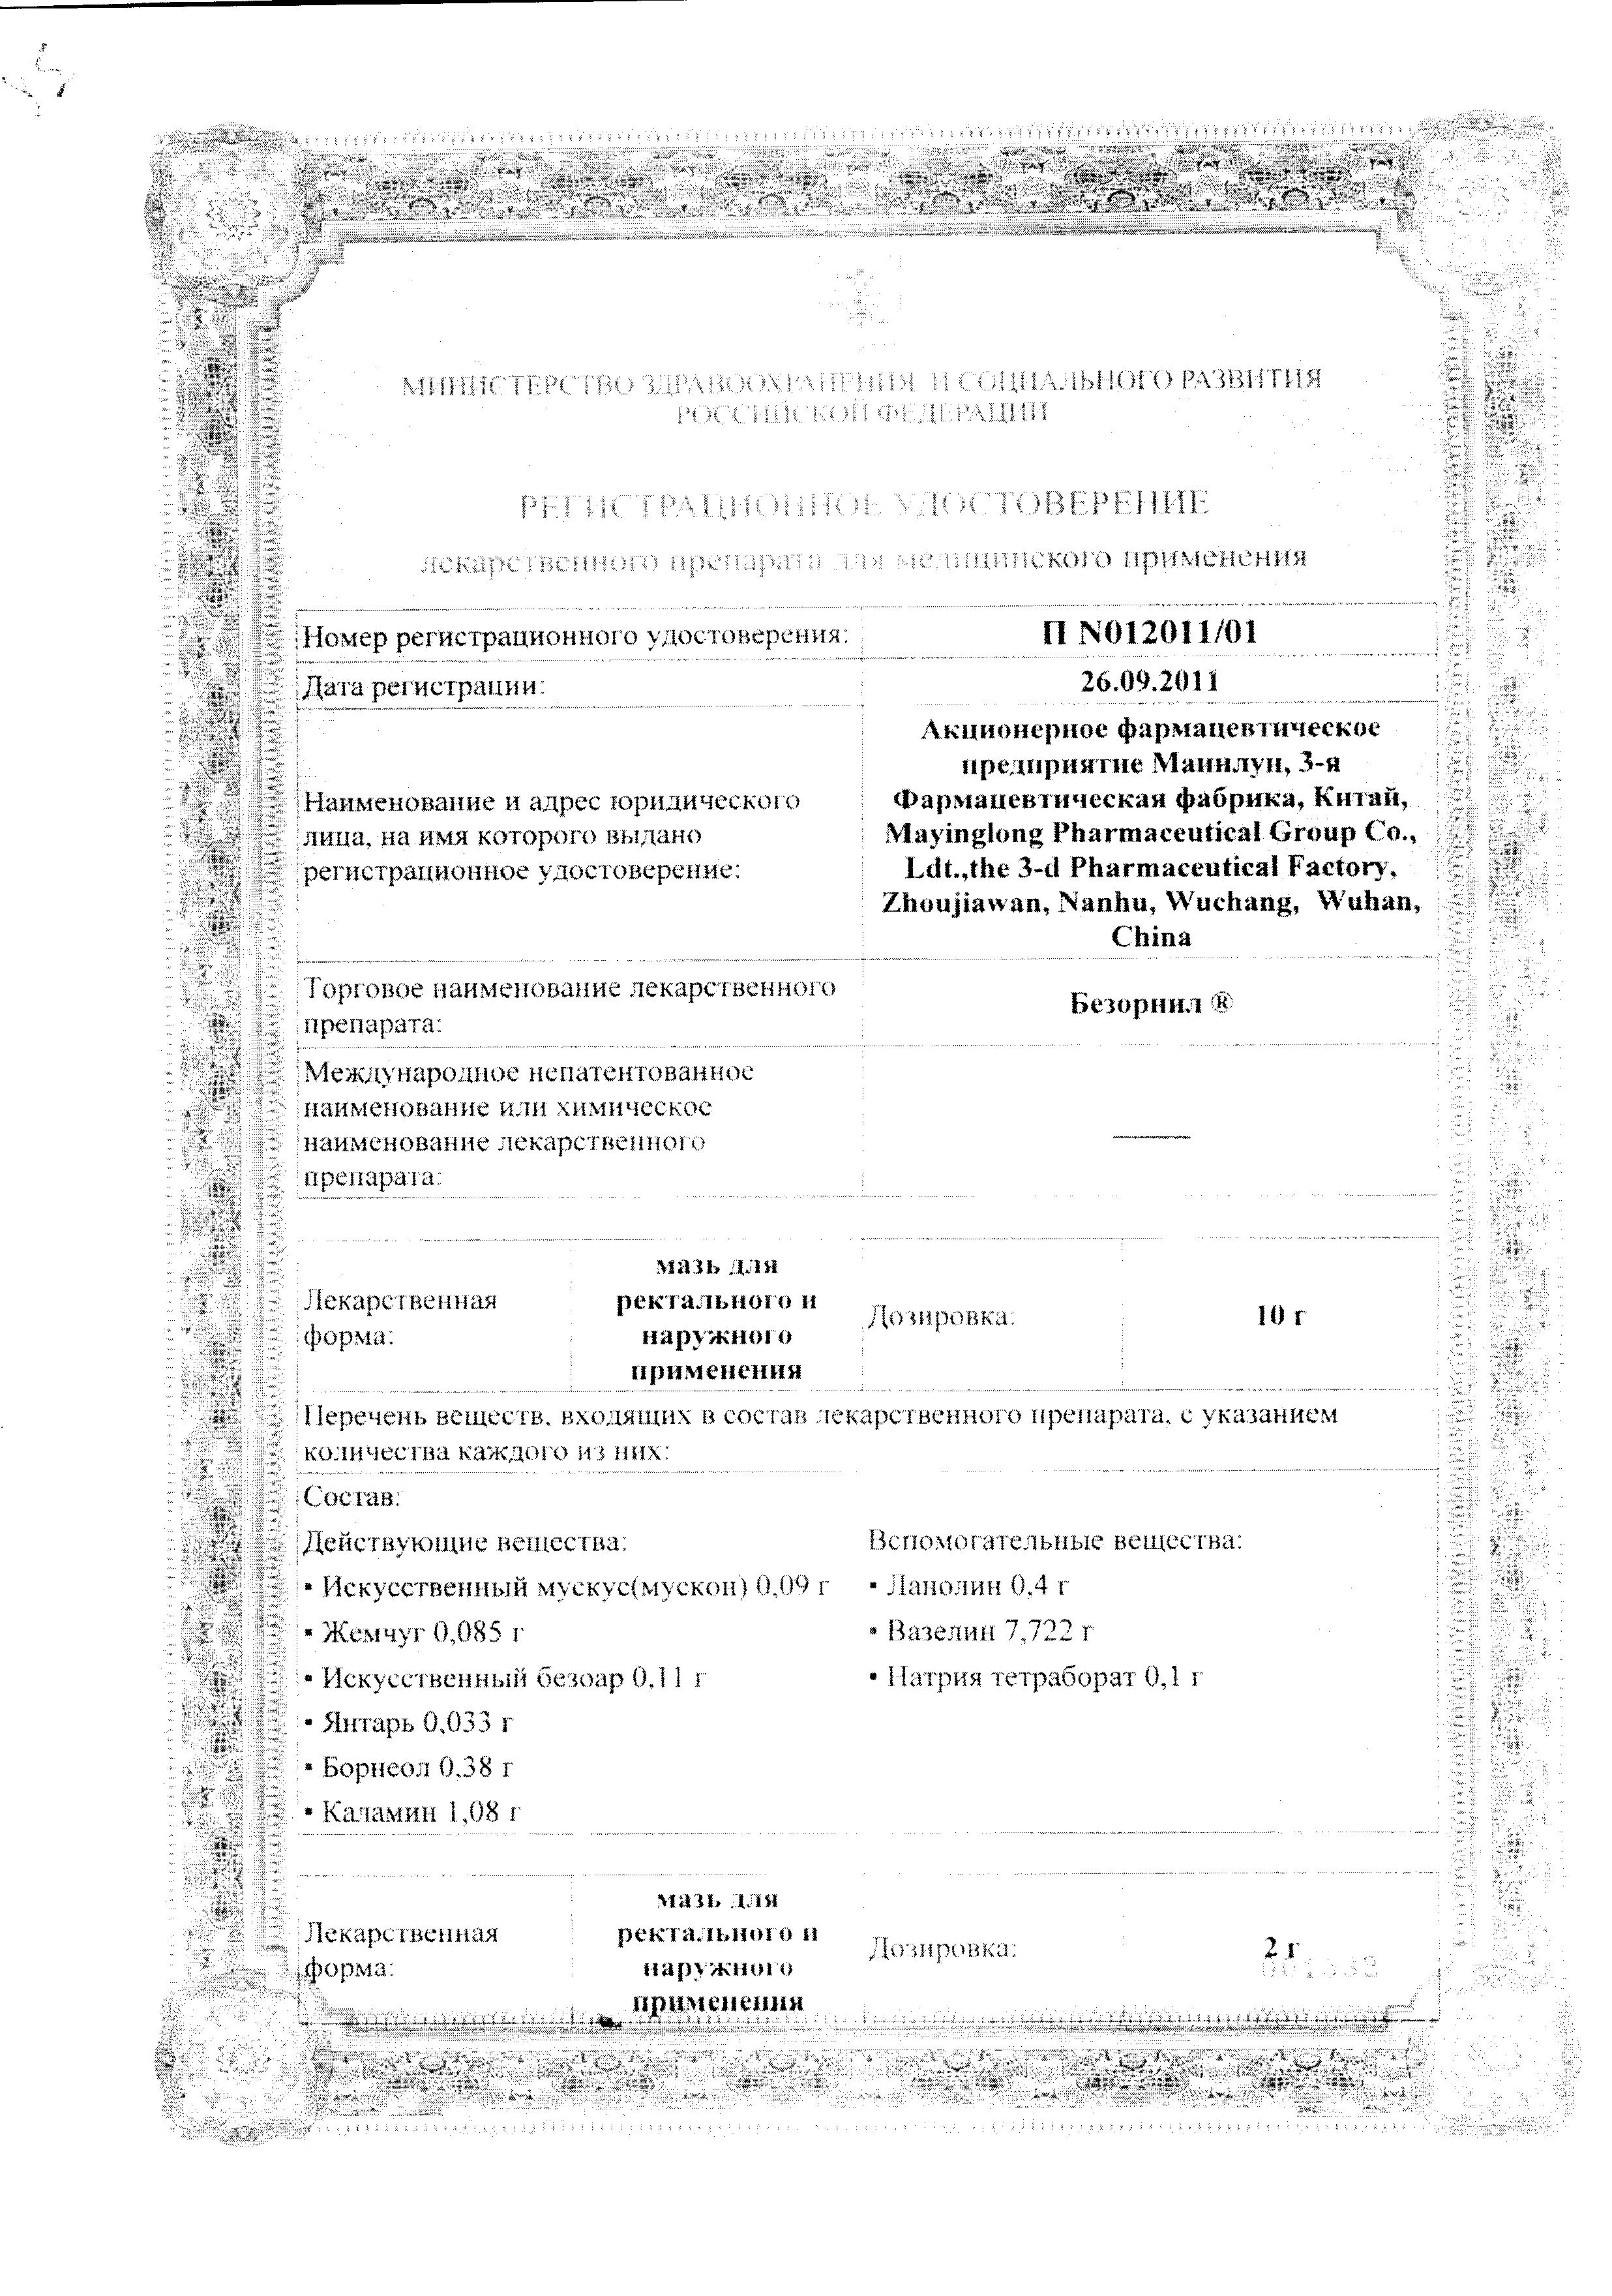 Безорнил сертификат